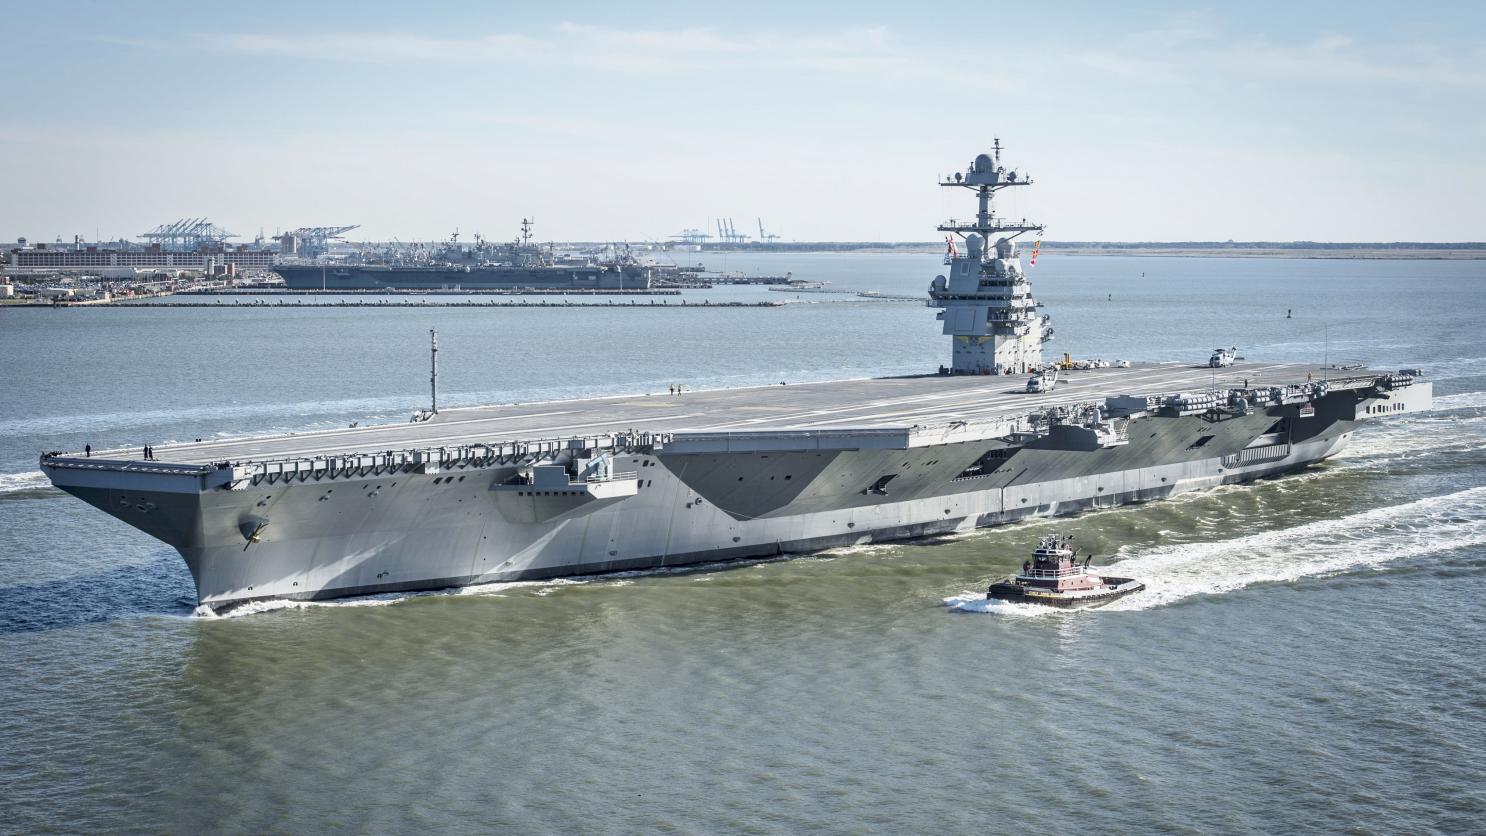 A Marinha dos EUA concedeu um contrato de US $ 15 bilhões à Huntington Ingalls Industries – Newport News Shipbuilding (HII – NNS) para a construção de mais dois porta-aviões, o CVN 80 e o CVN 81